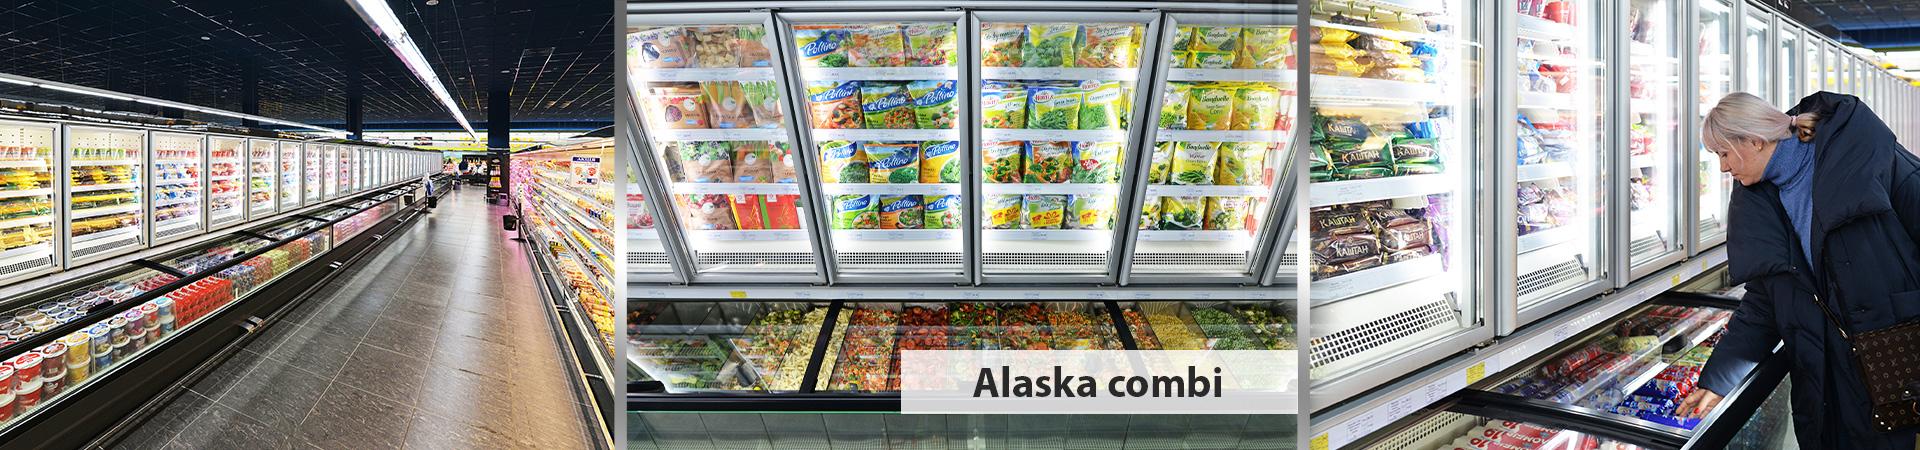 Вітрини для заморожених продуктів Alaska combi